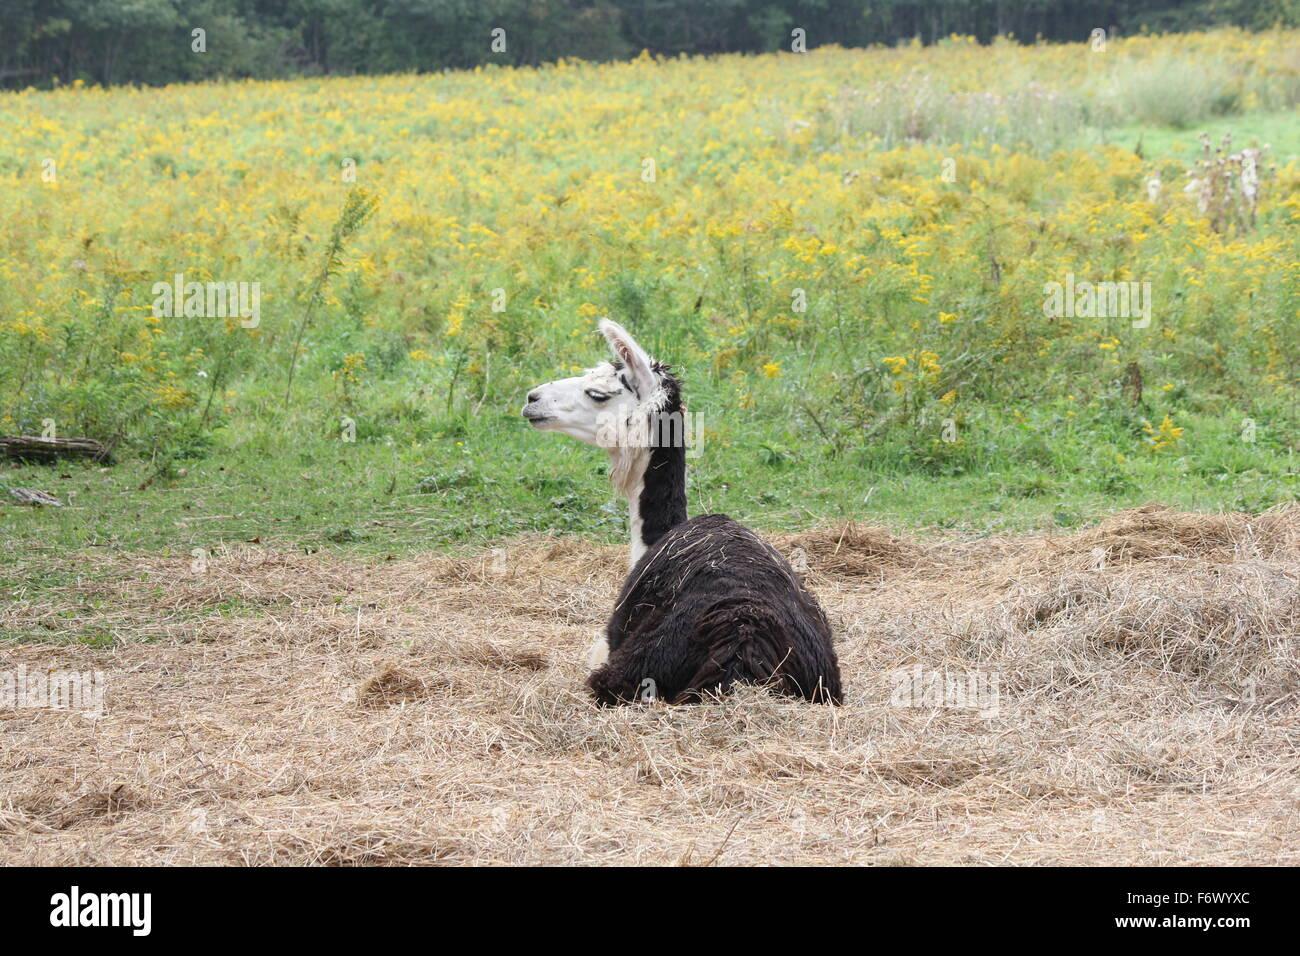 Llama su una piccola fattoria hobby, posa su un mucchio di paglia. La lama è un addomesticati South American Immagini Stock